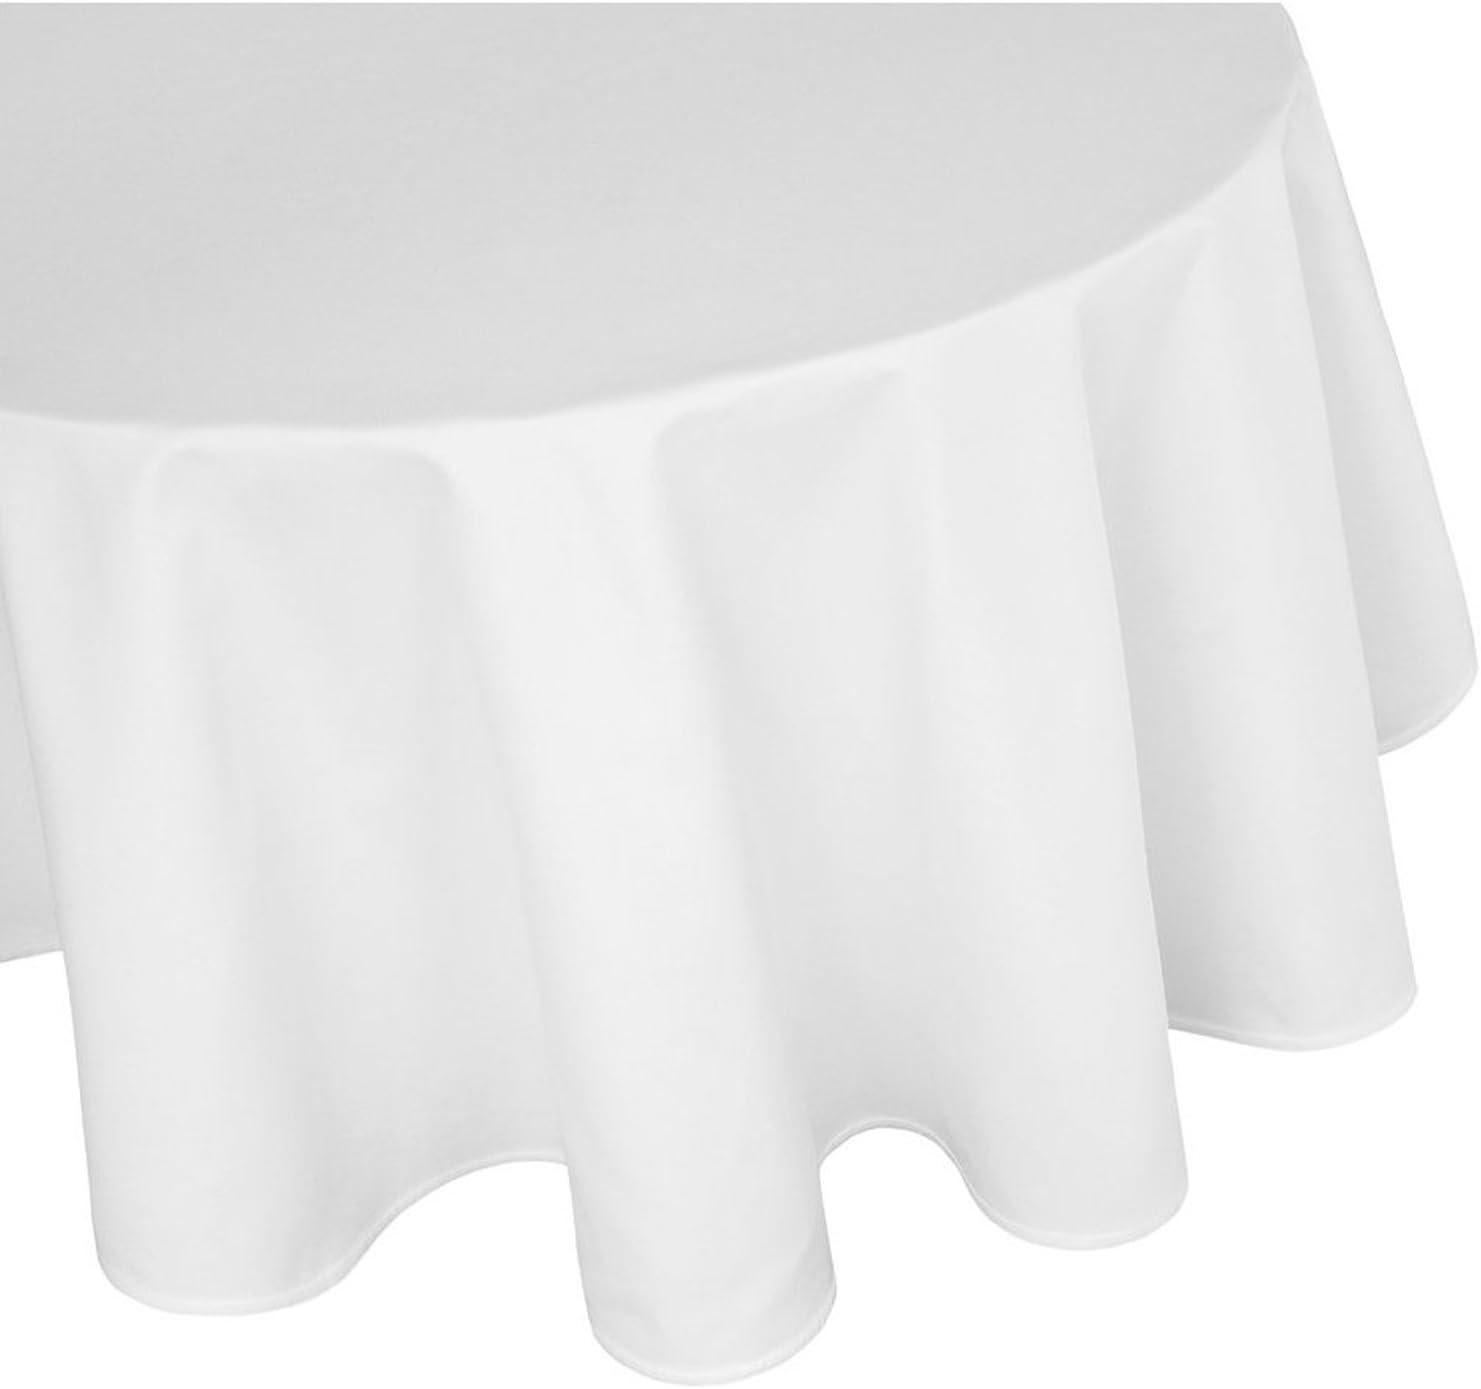 DecoHome Textil Nappe 100 /% coton damass/é avec rebord satin/é 1 x 50 x 50 cm Serviette Blanc